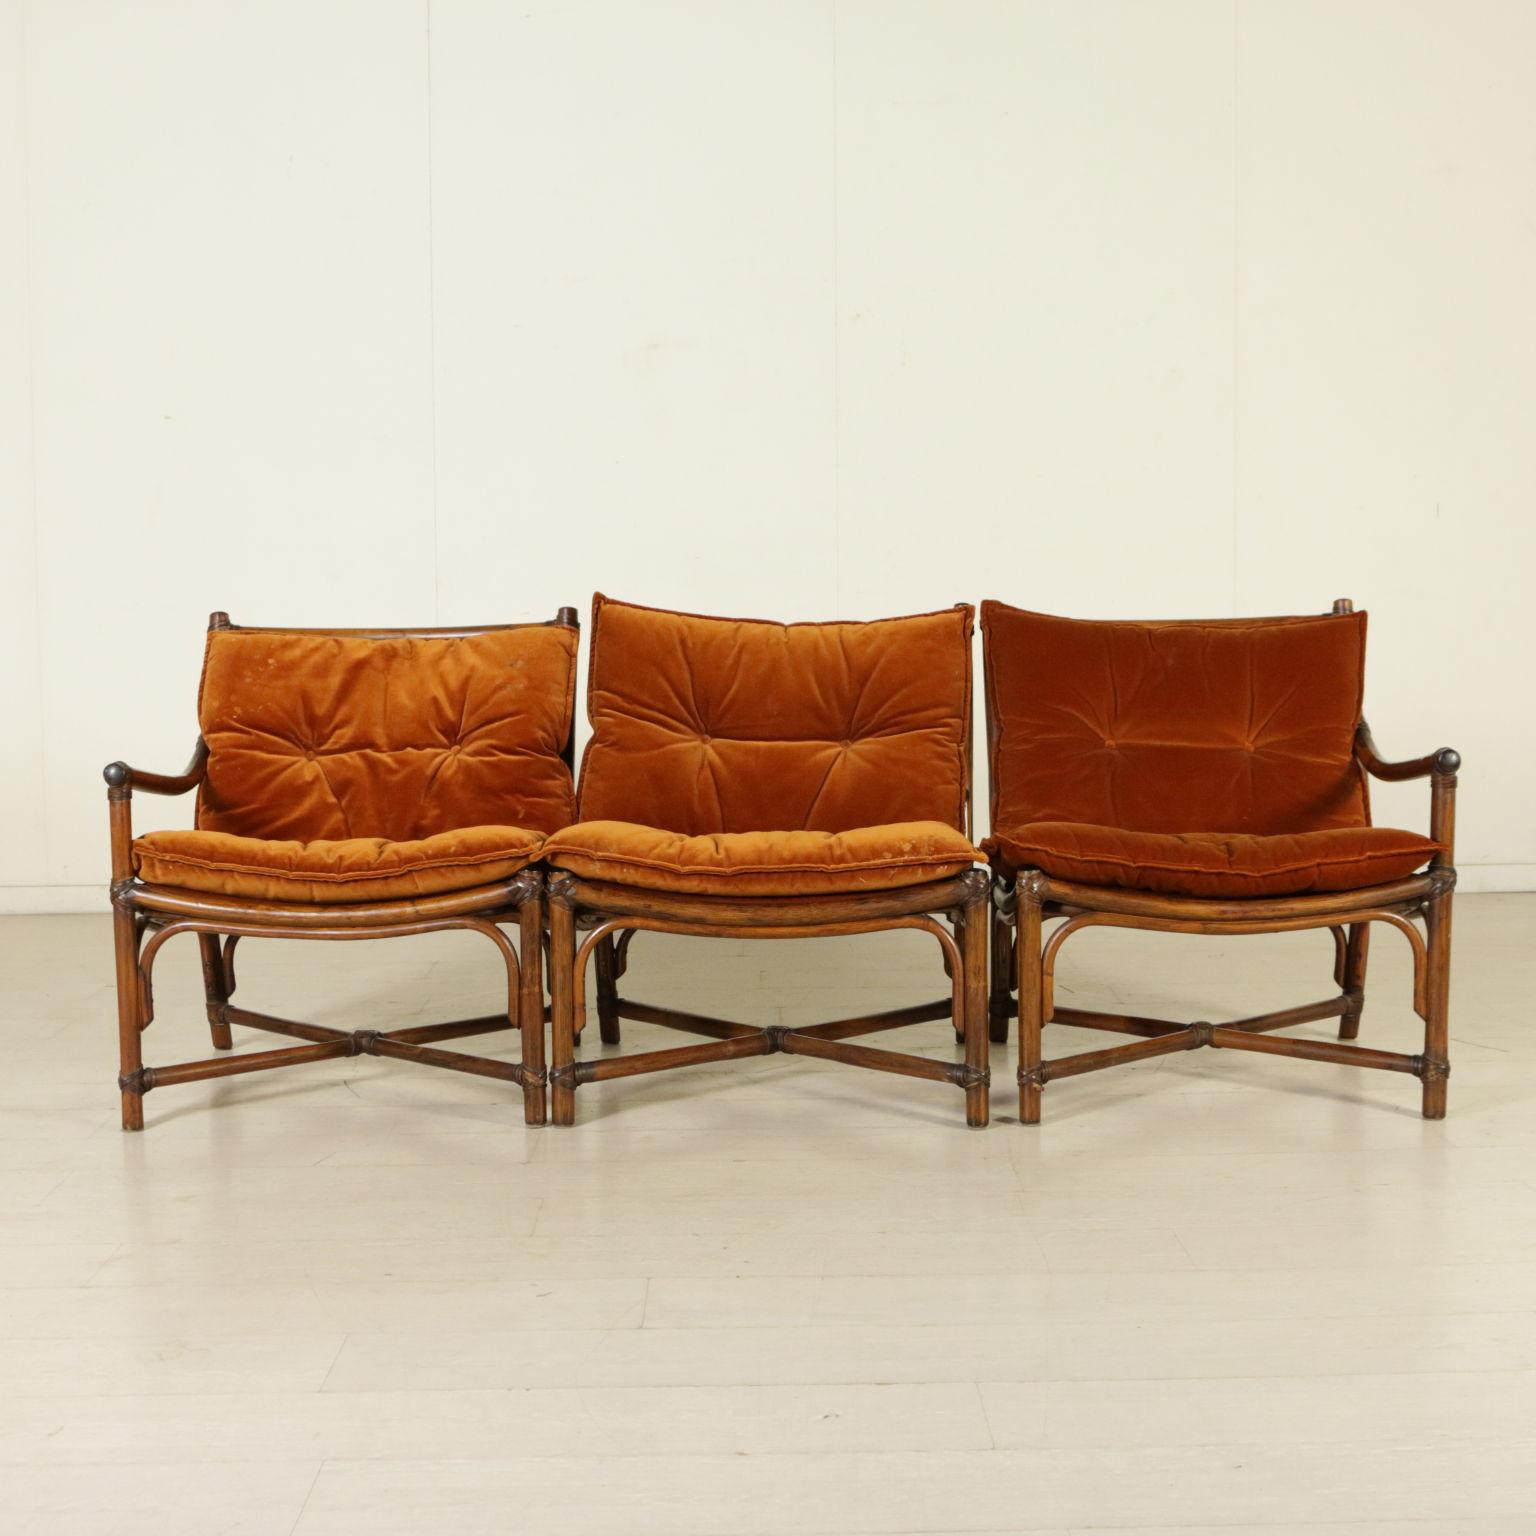 Canapé Années 70 Vintage Italie - Canapés - Design moderne ...